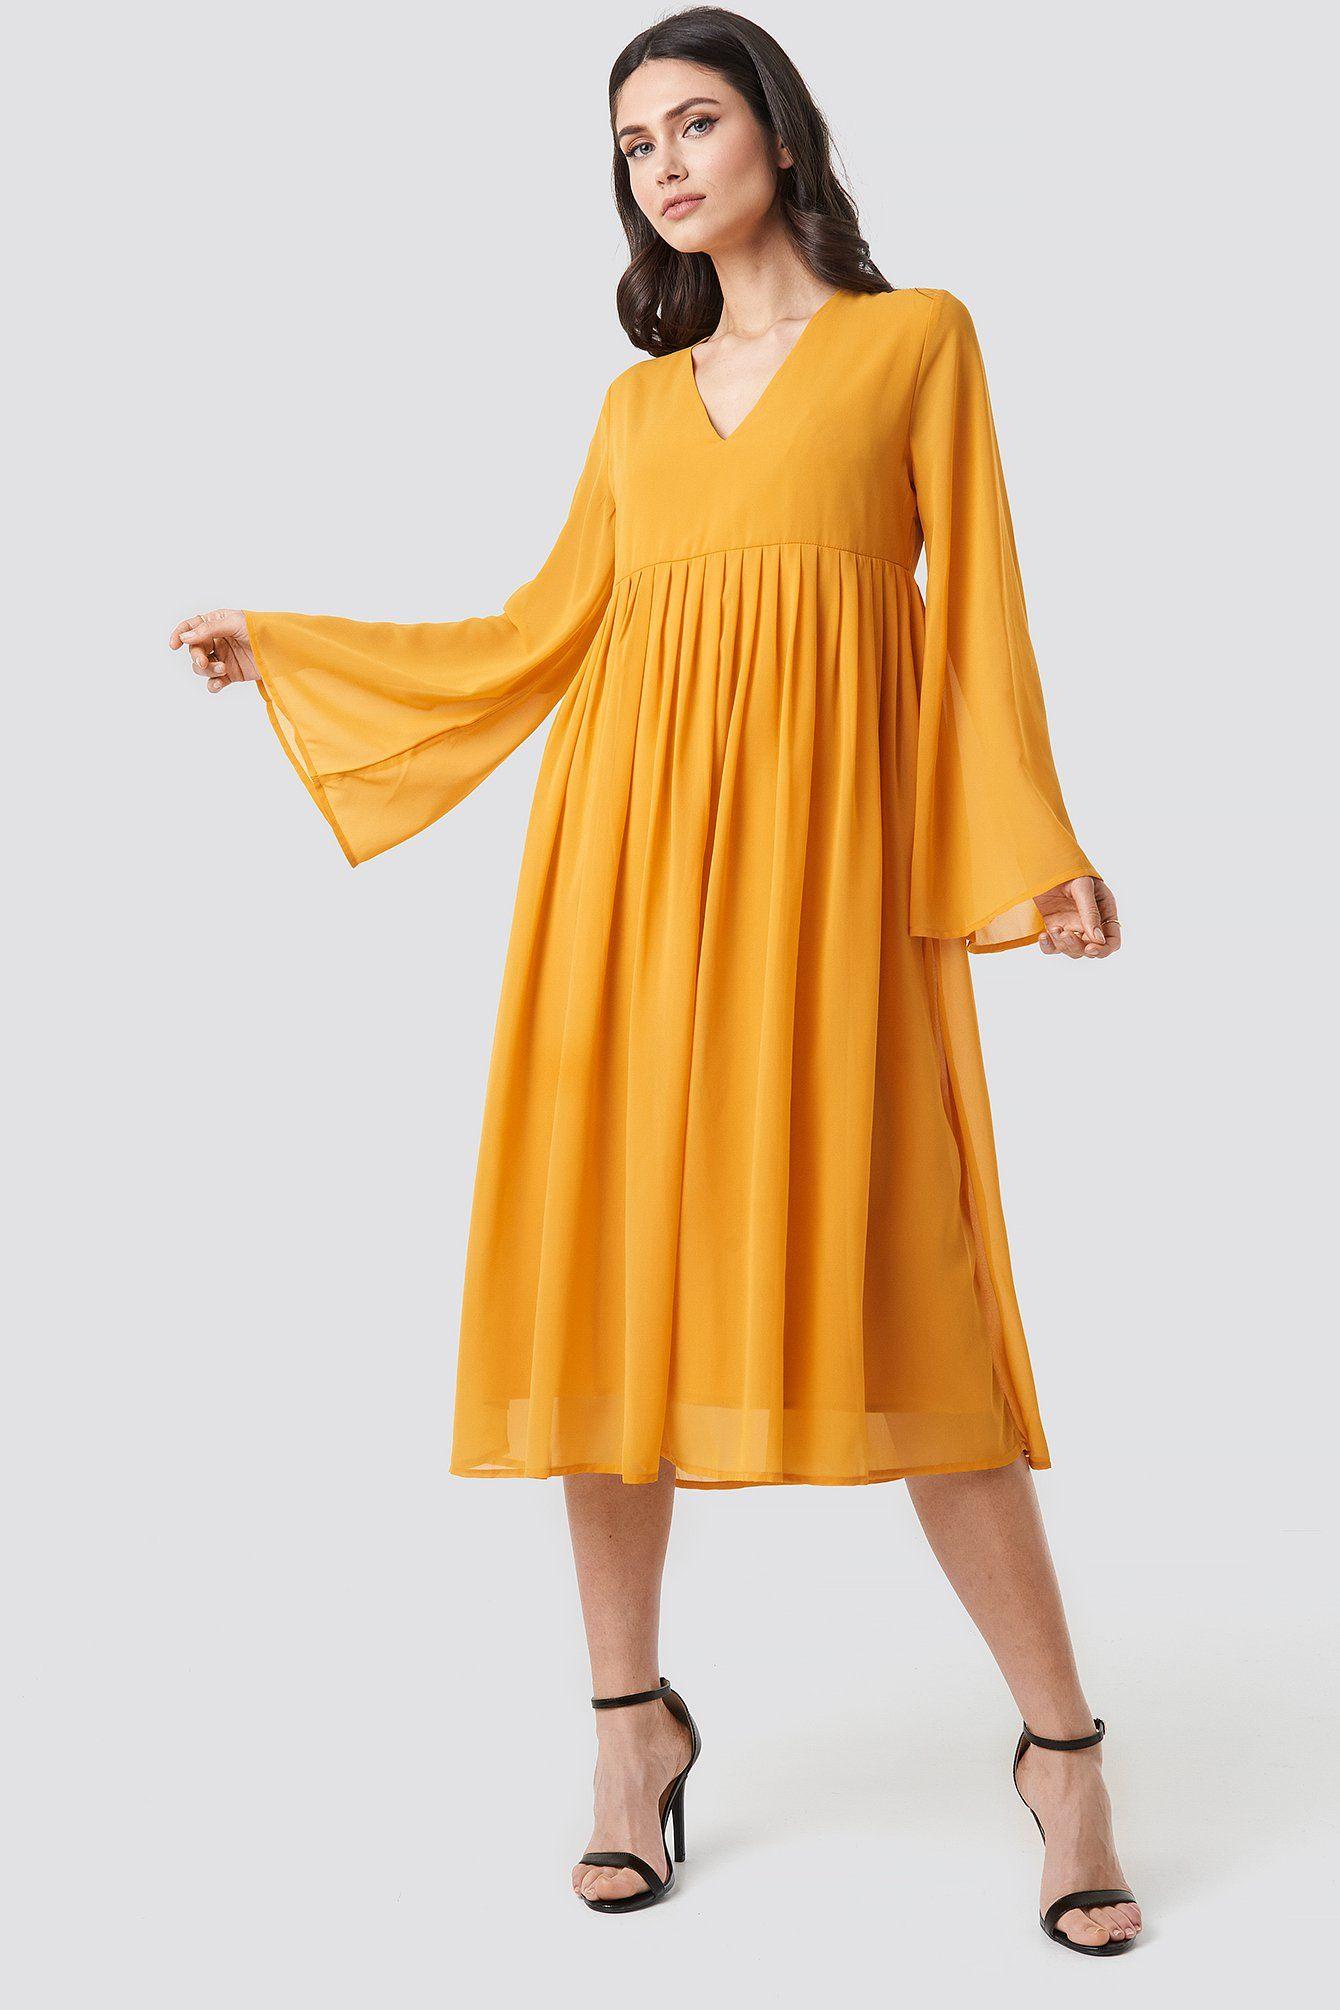 Wide Sleeve Flowy Chiffon Dress Yellow Flowy Chiffon Dress Chiffon Dress Dresses [ 2010 x 1340 Pixel ]